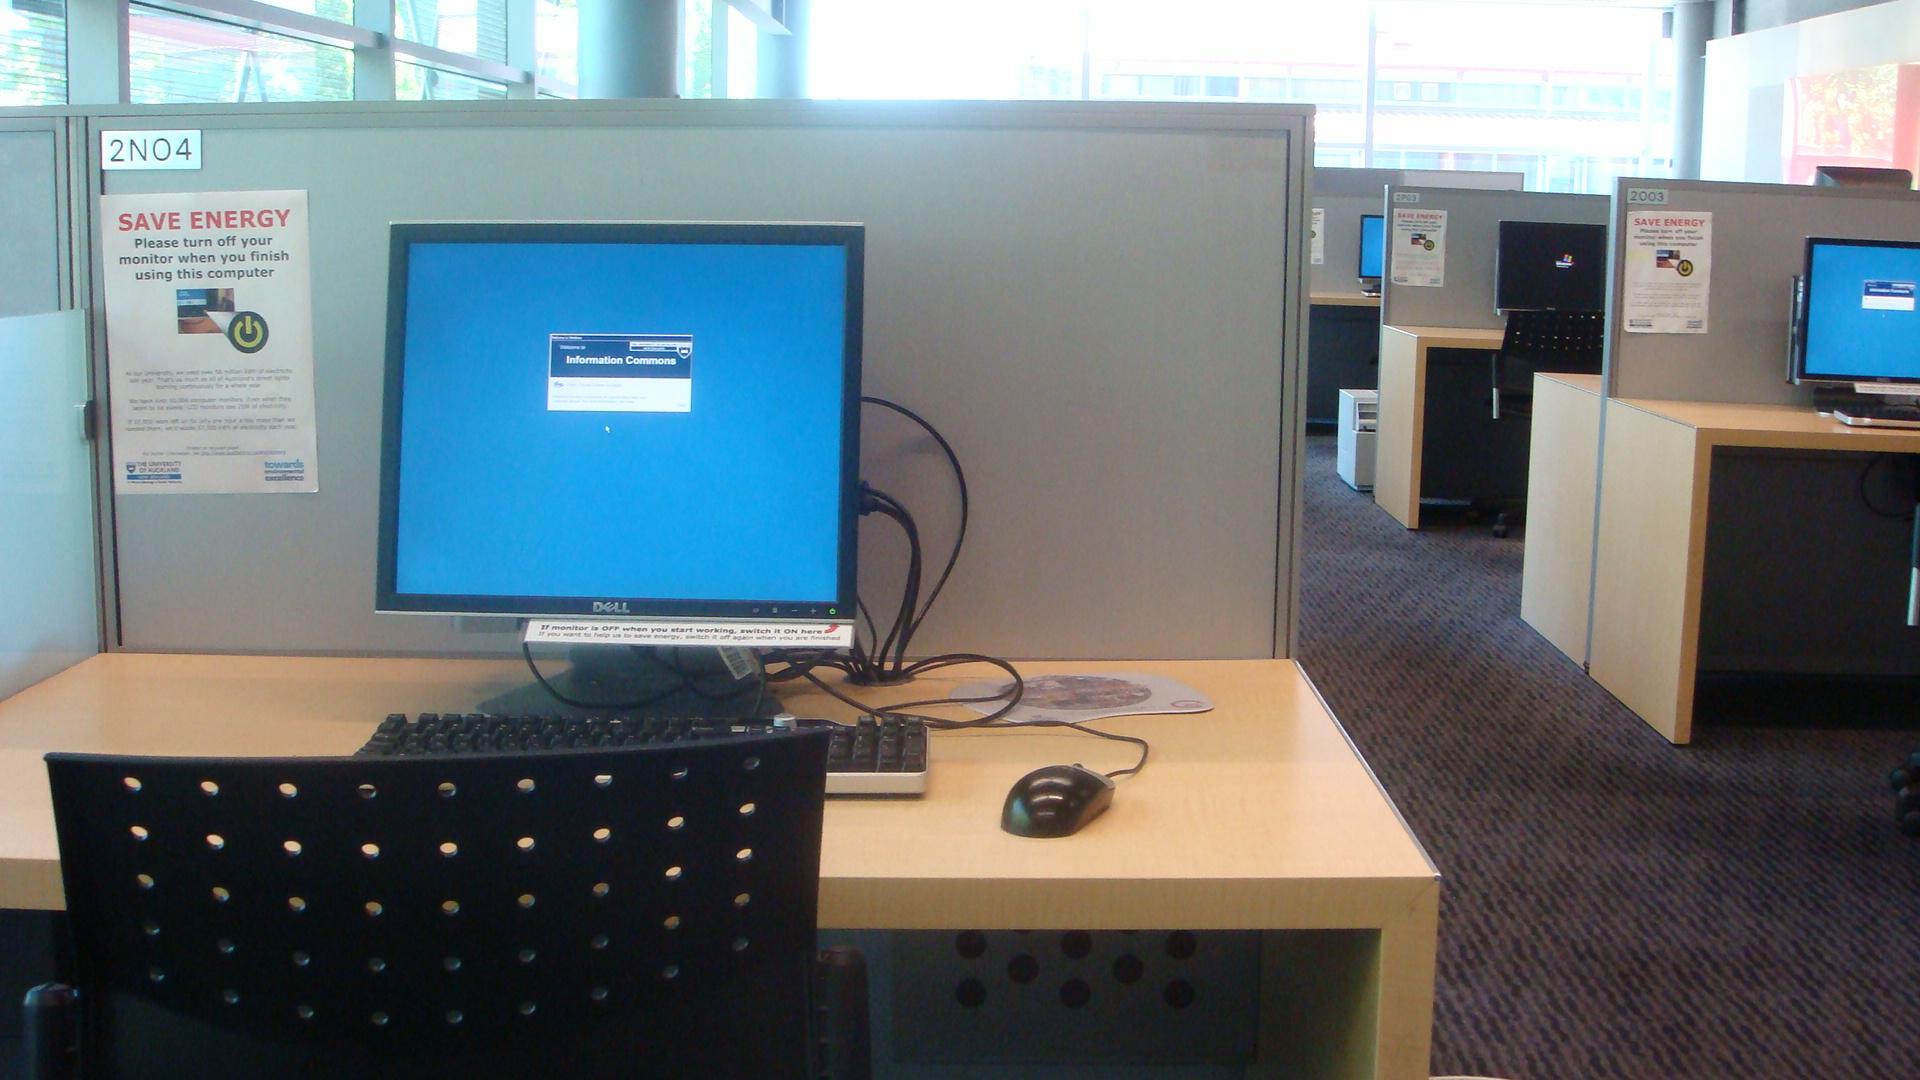 Immer weniger PC's stehen den Studenten zur Verfügung.